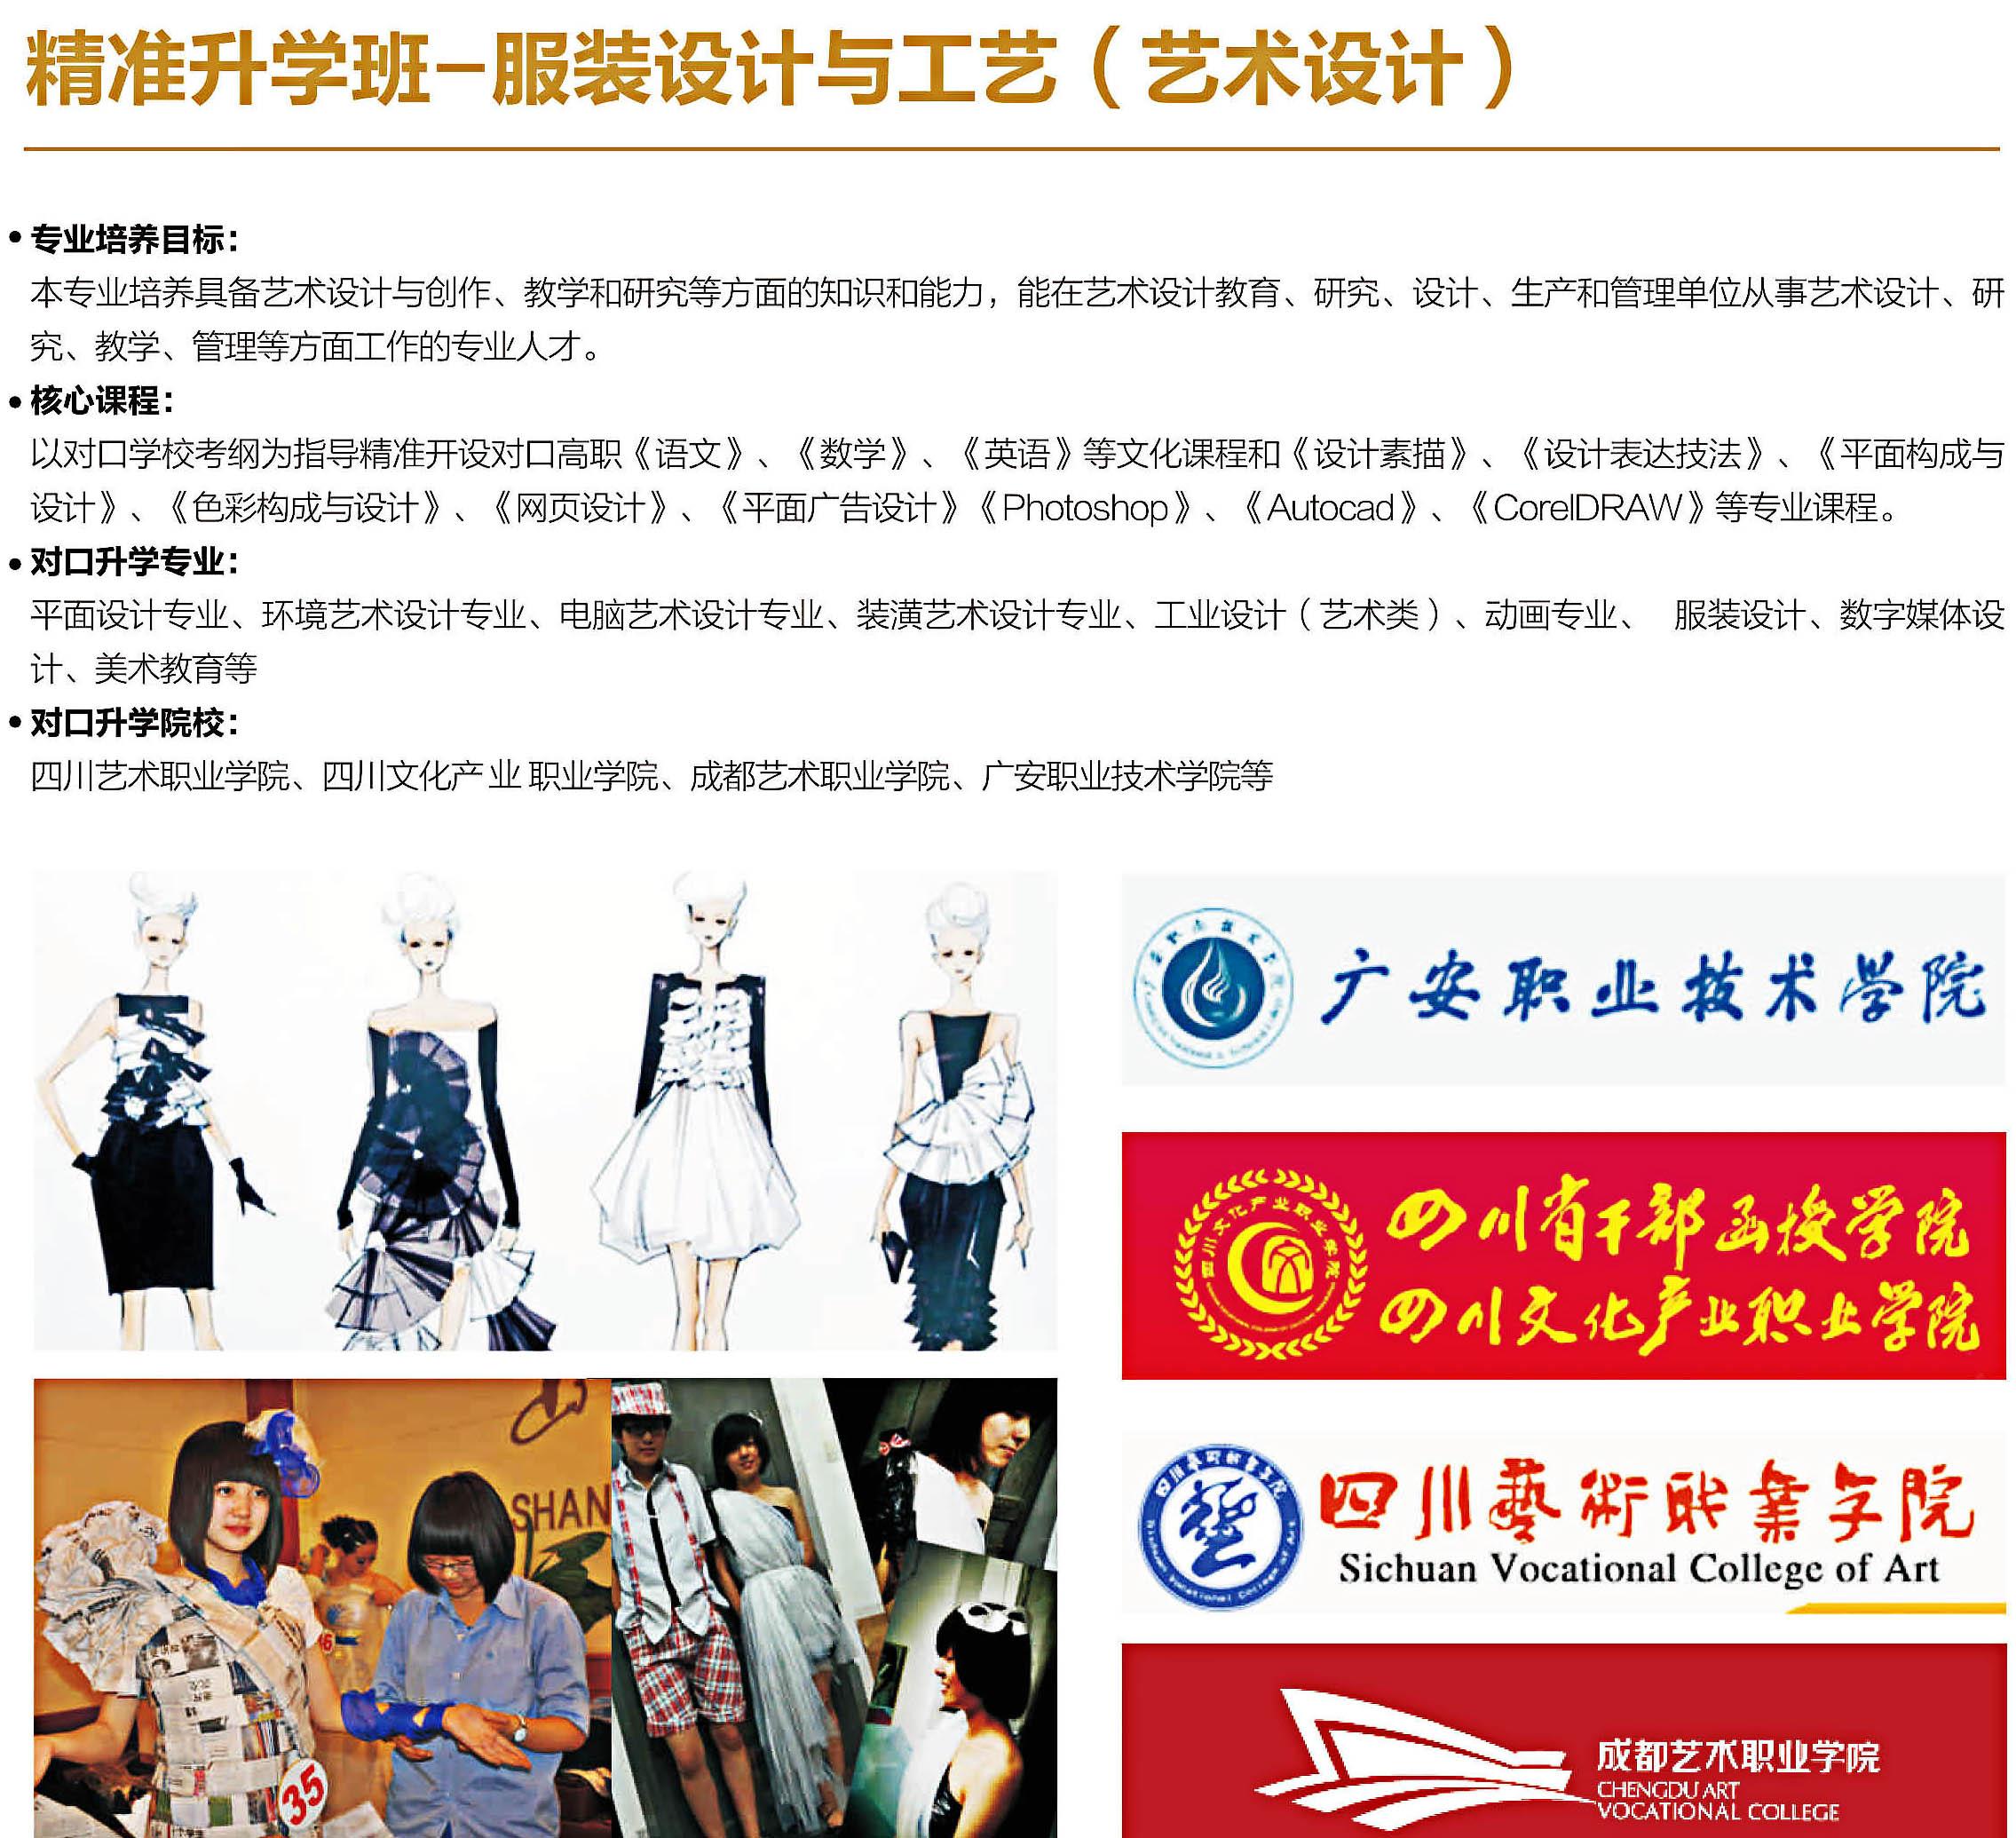 四川省达州经济贸易学校艺术设计专业